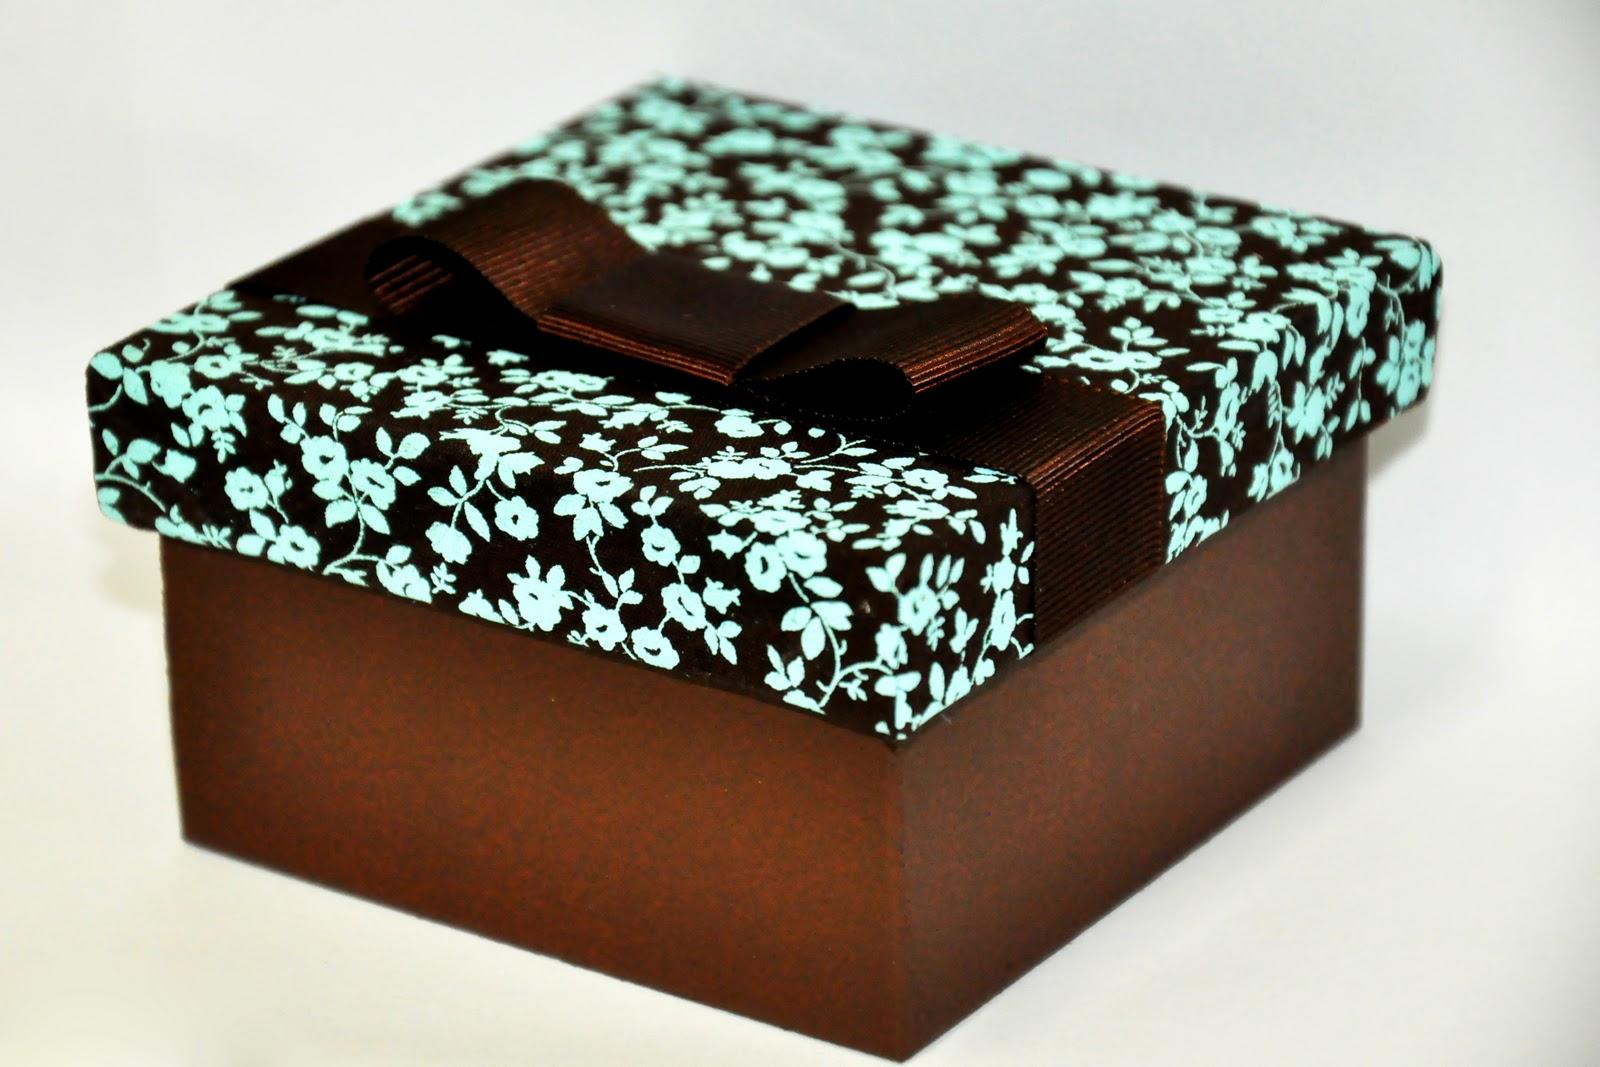 Artesanato Reciclagem Caixa De Leite ~ Artesanato Chique